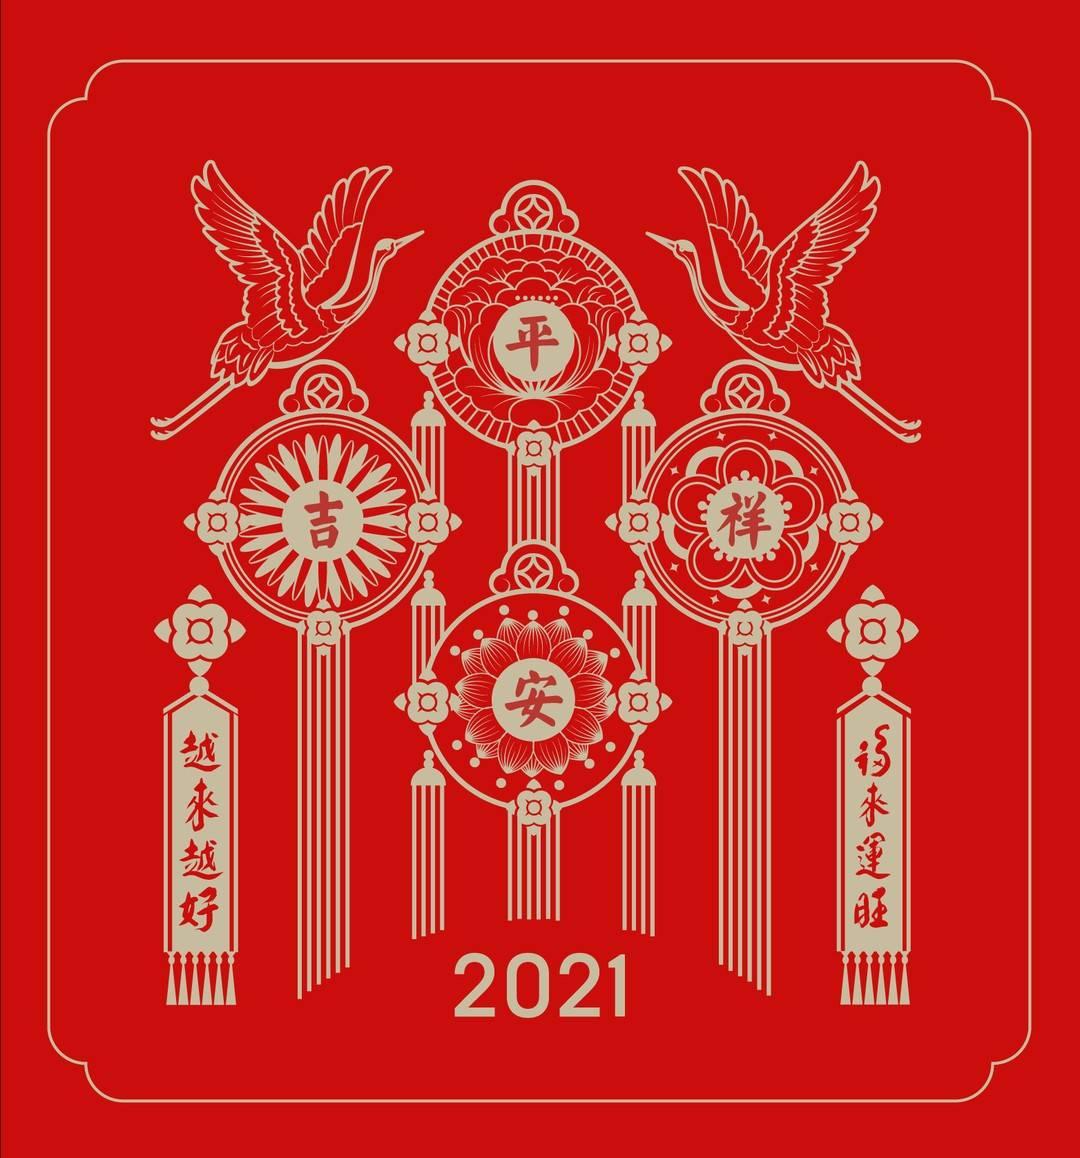 2021-01-01 11.01.02.jpg